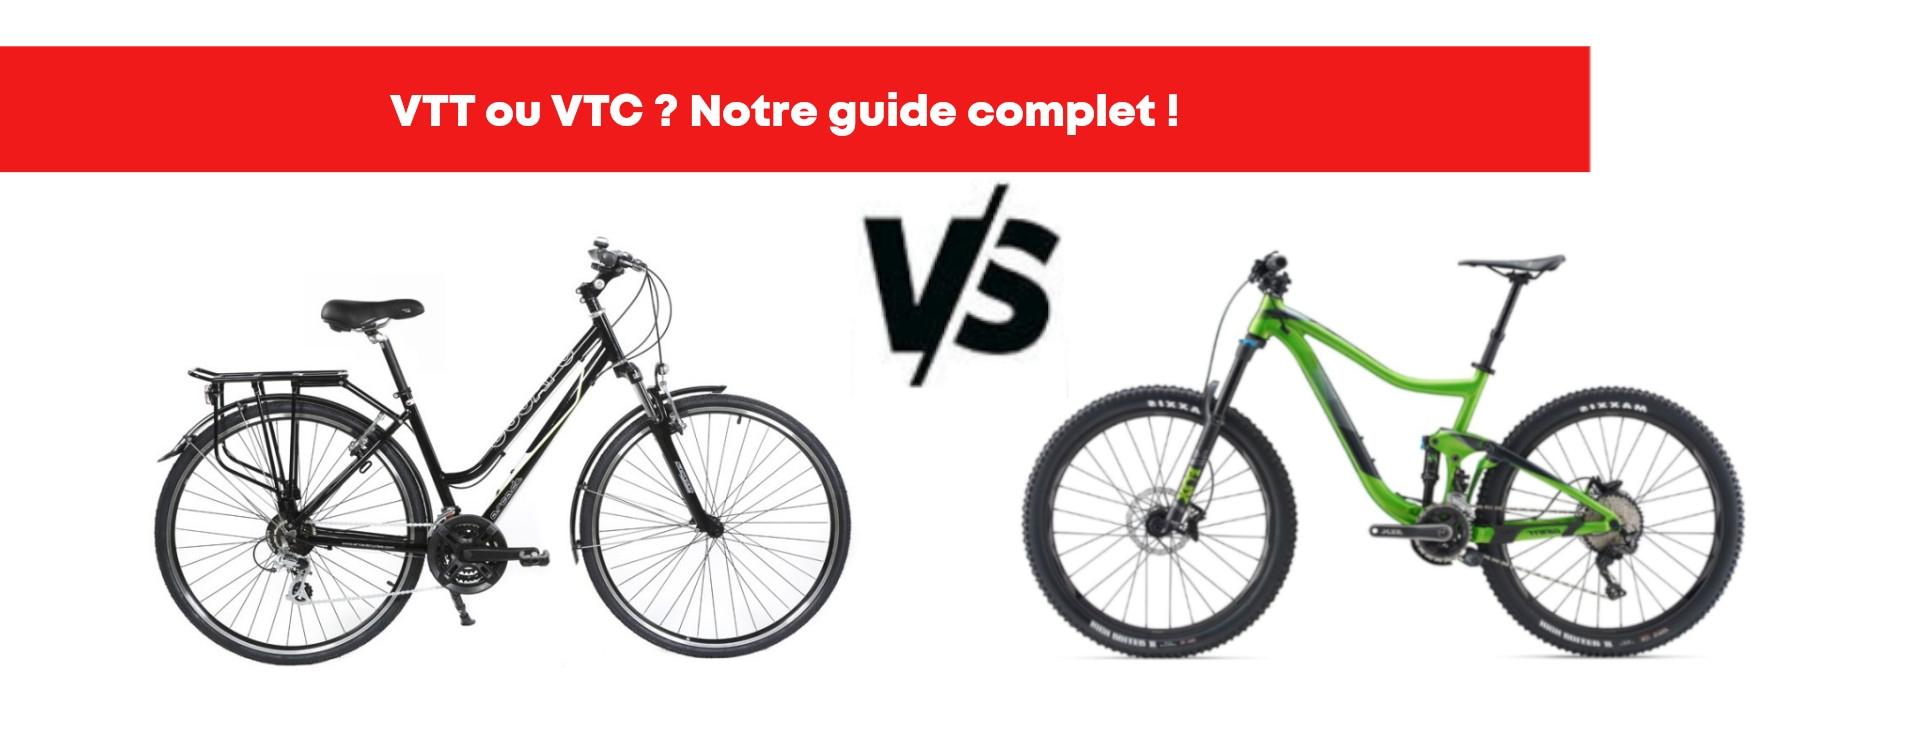 VTT ou VTC ? Notre guide pour bien choisir son vélo !